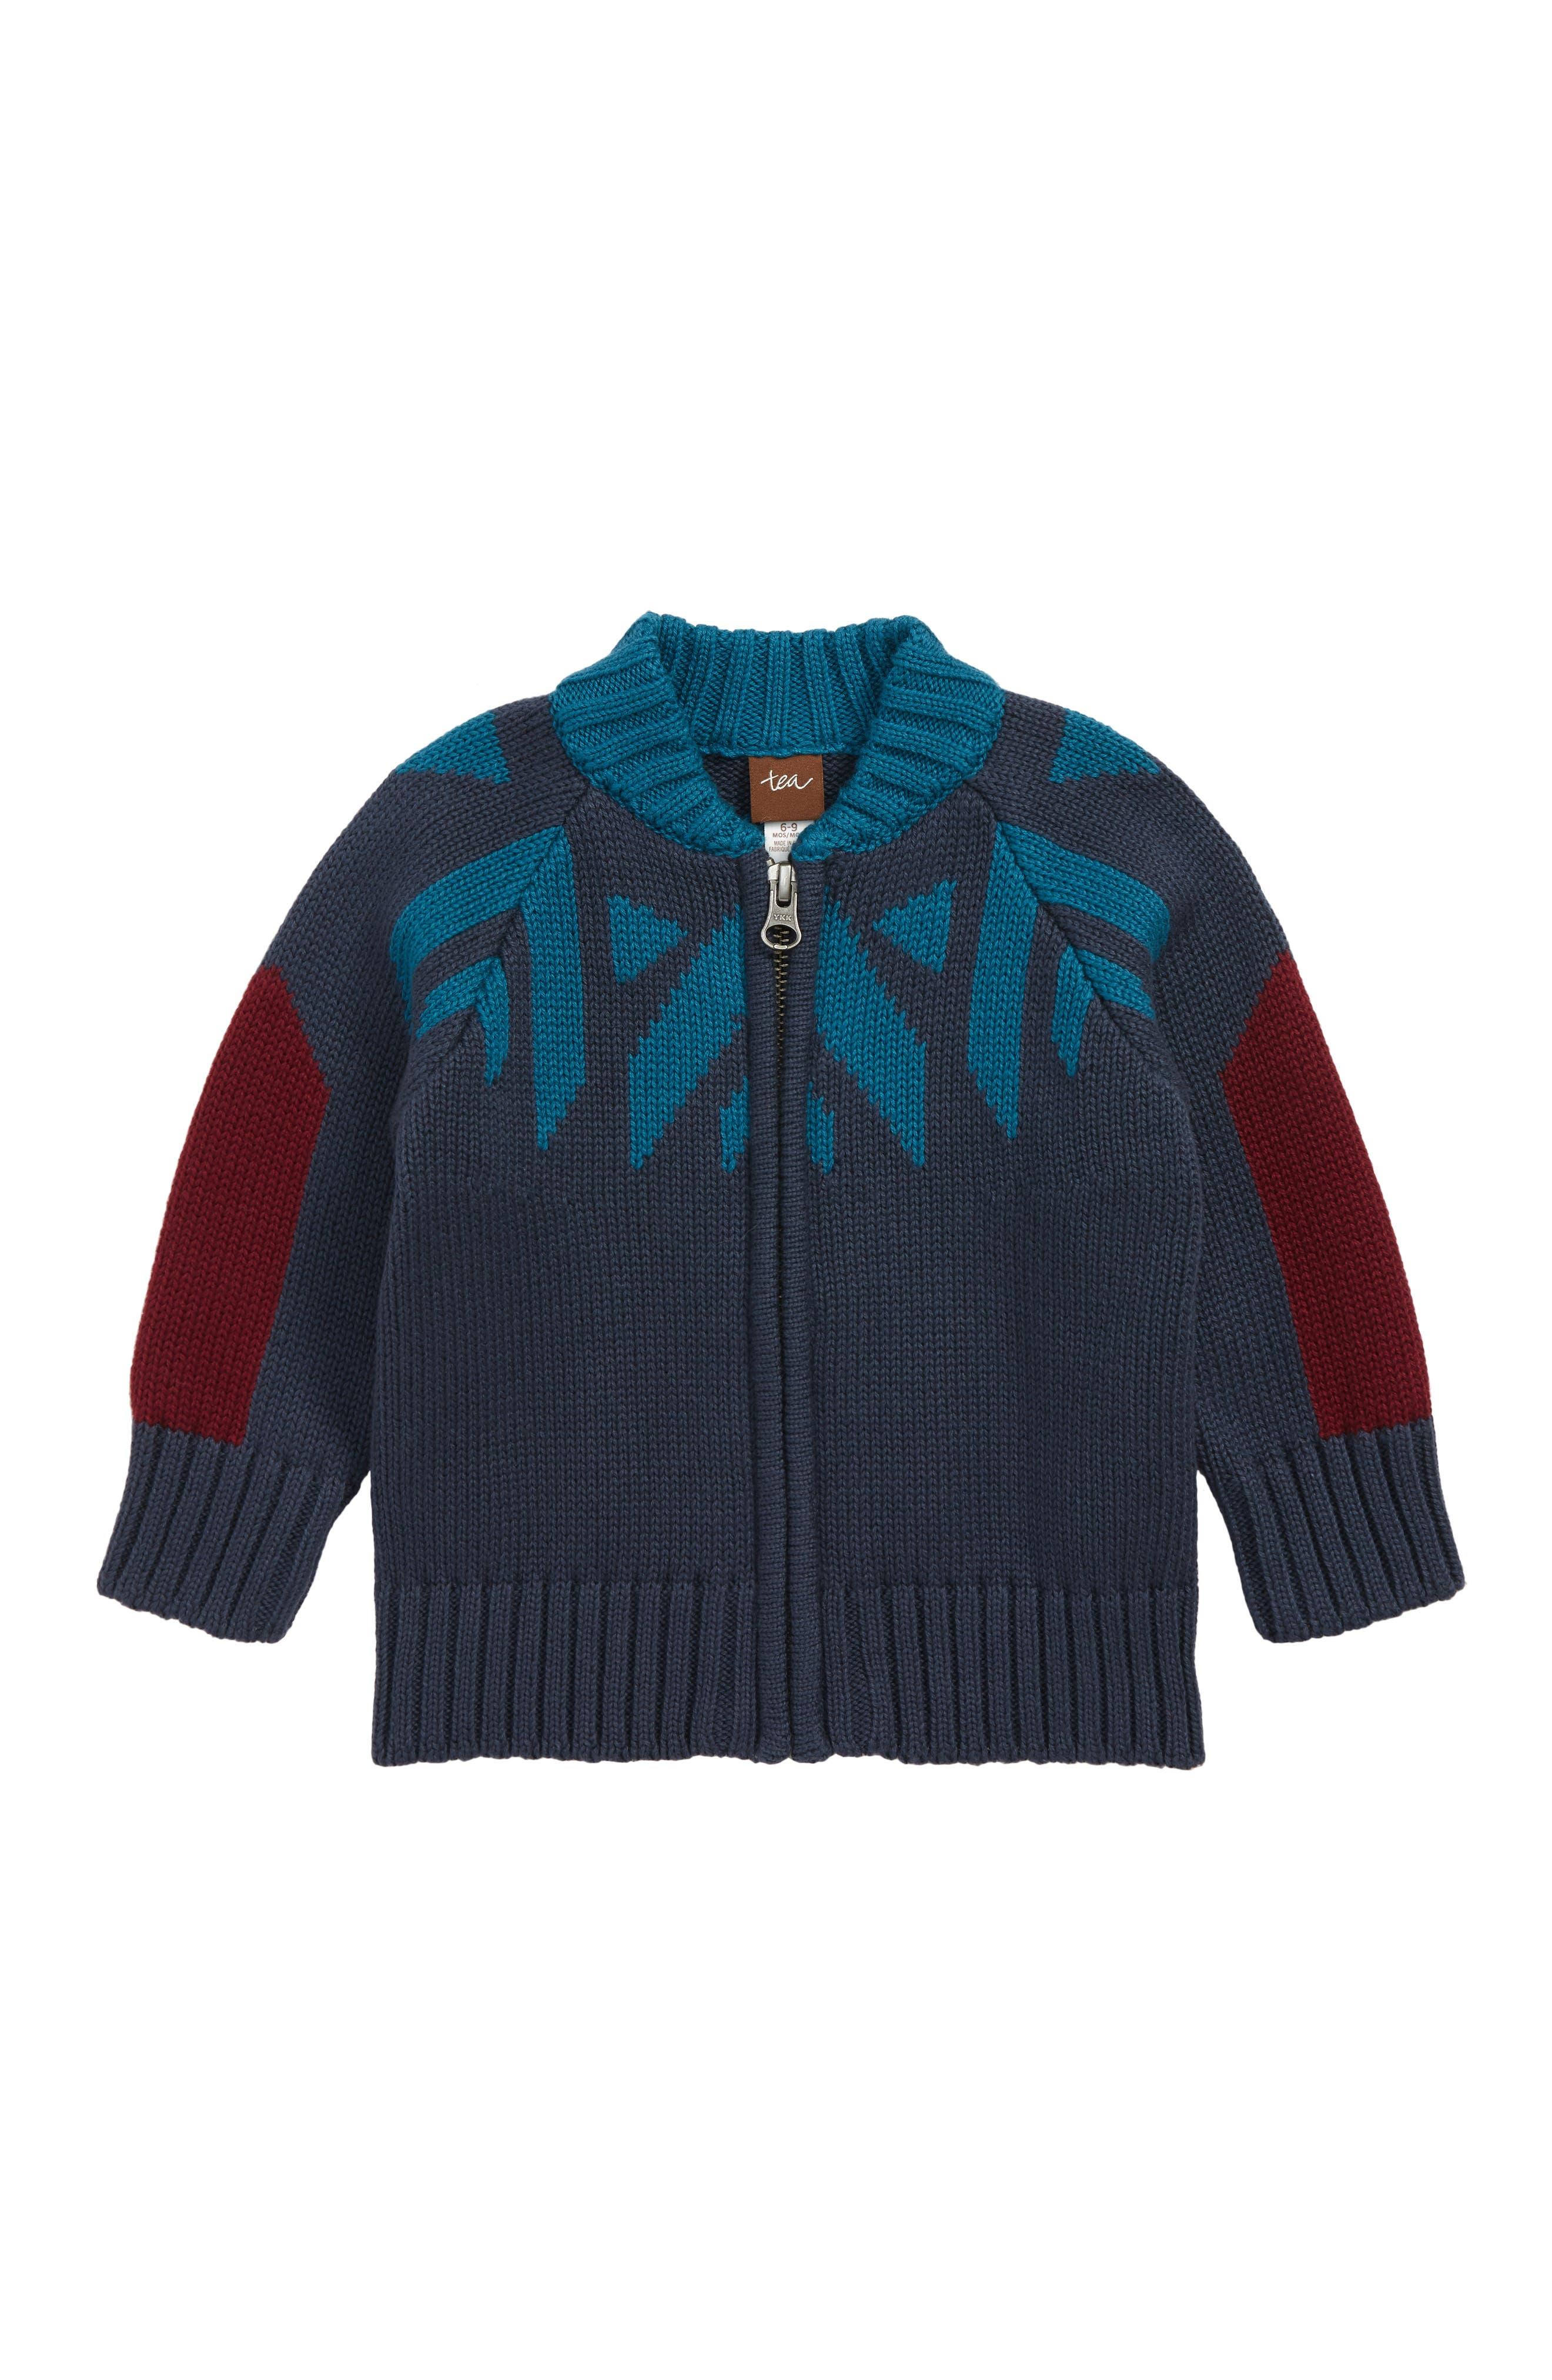 Infant Boys Tea Collection Denali Zip Cardigan Size 1824M  Blue